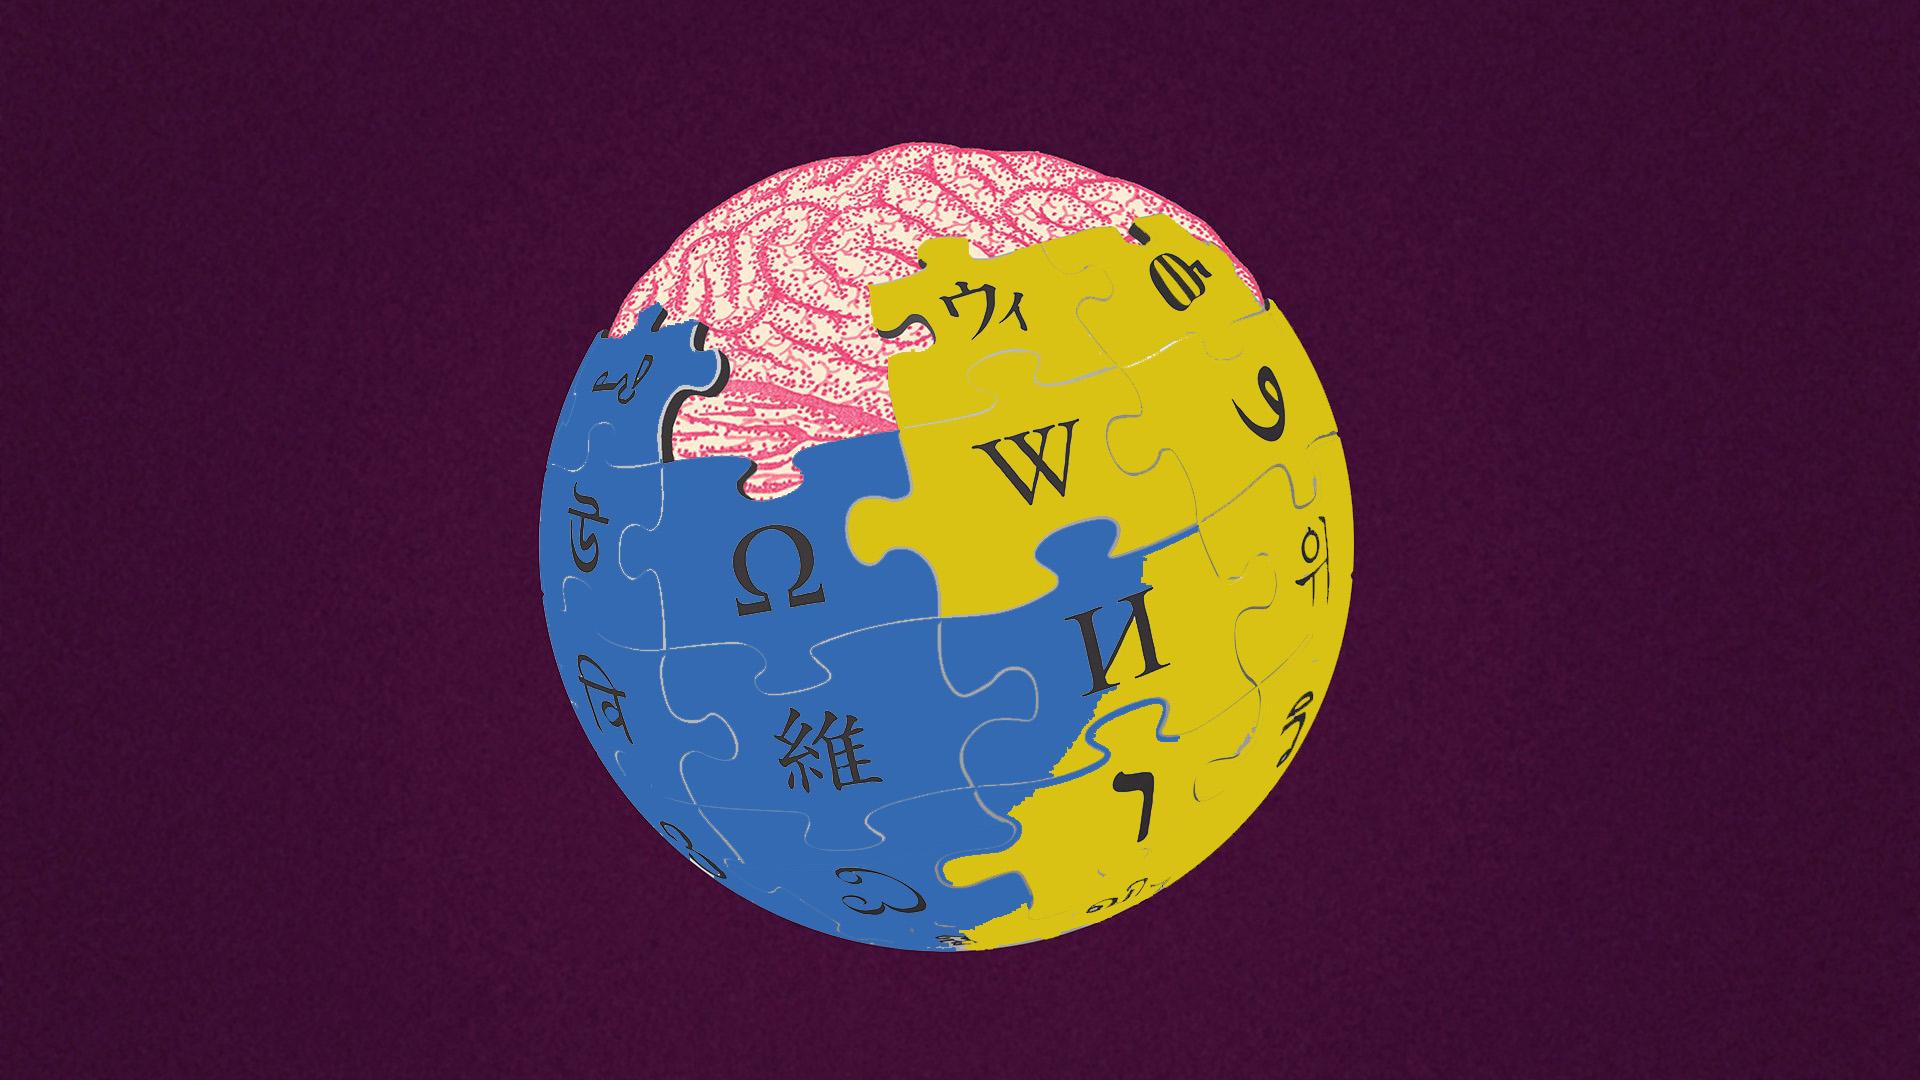 Украинская «Википедия» стала на 21% популярнее, чем в прошлом году